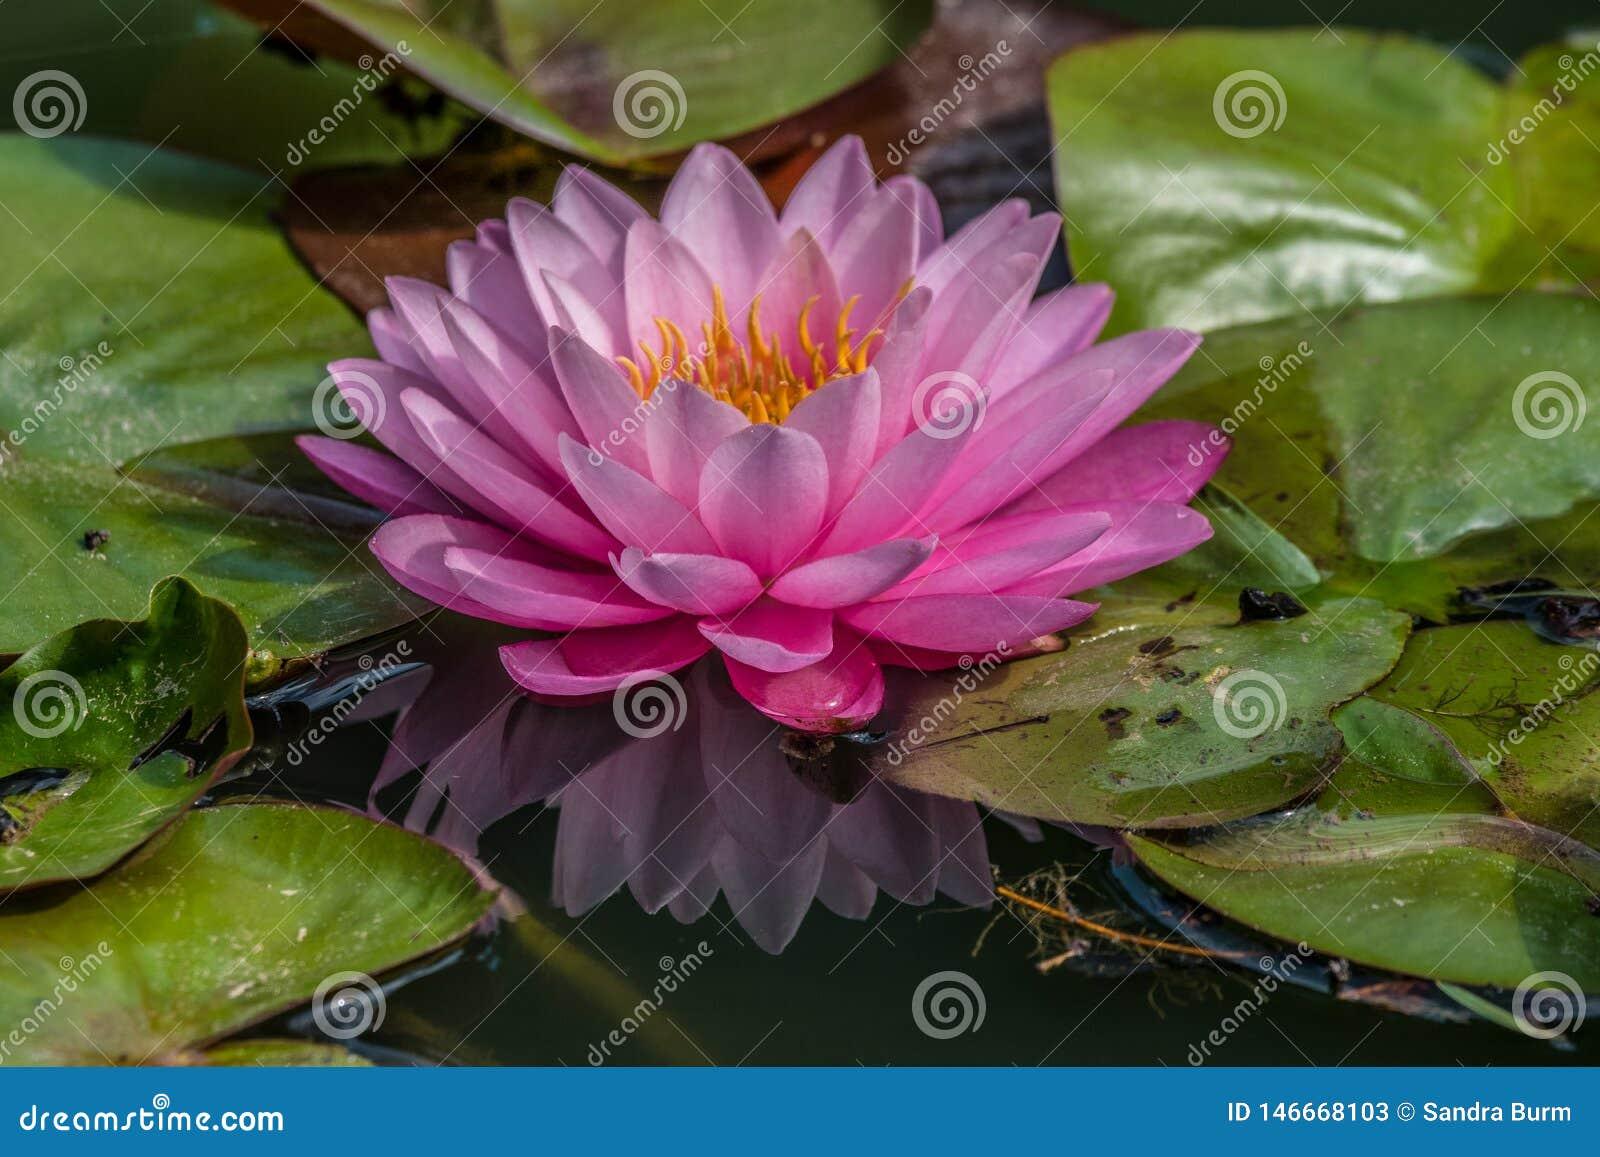 Rosa brillante hermoso waterlily en la charca